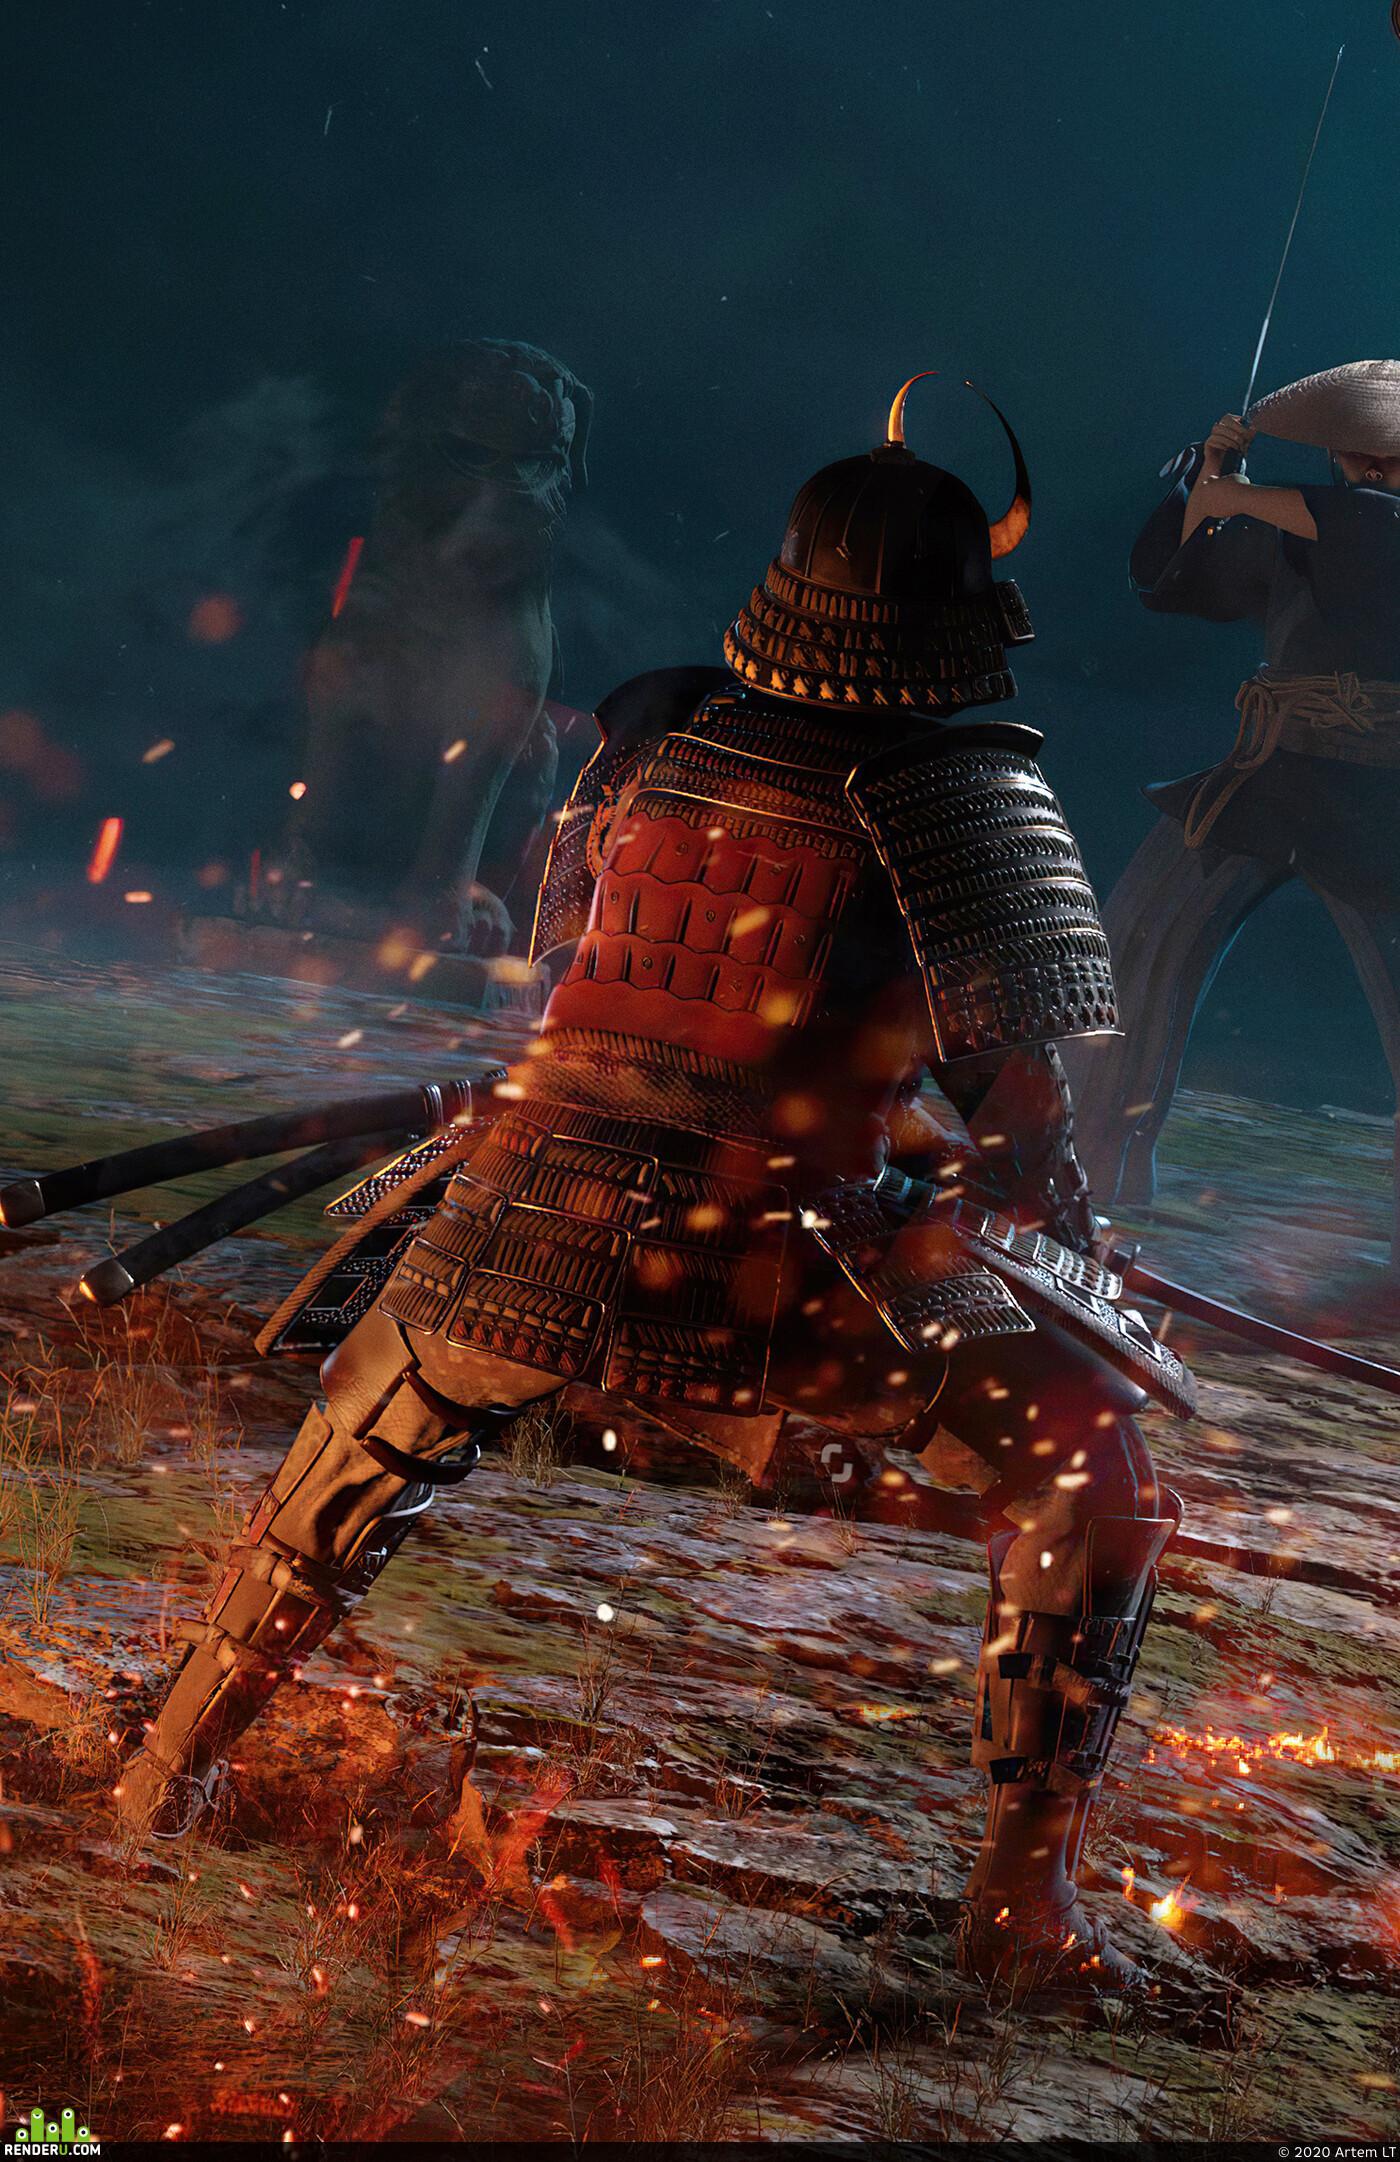 samurai, medieval